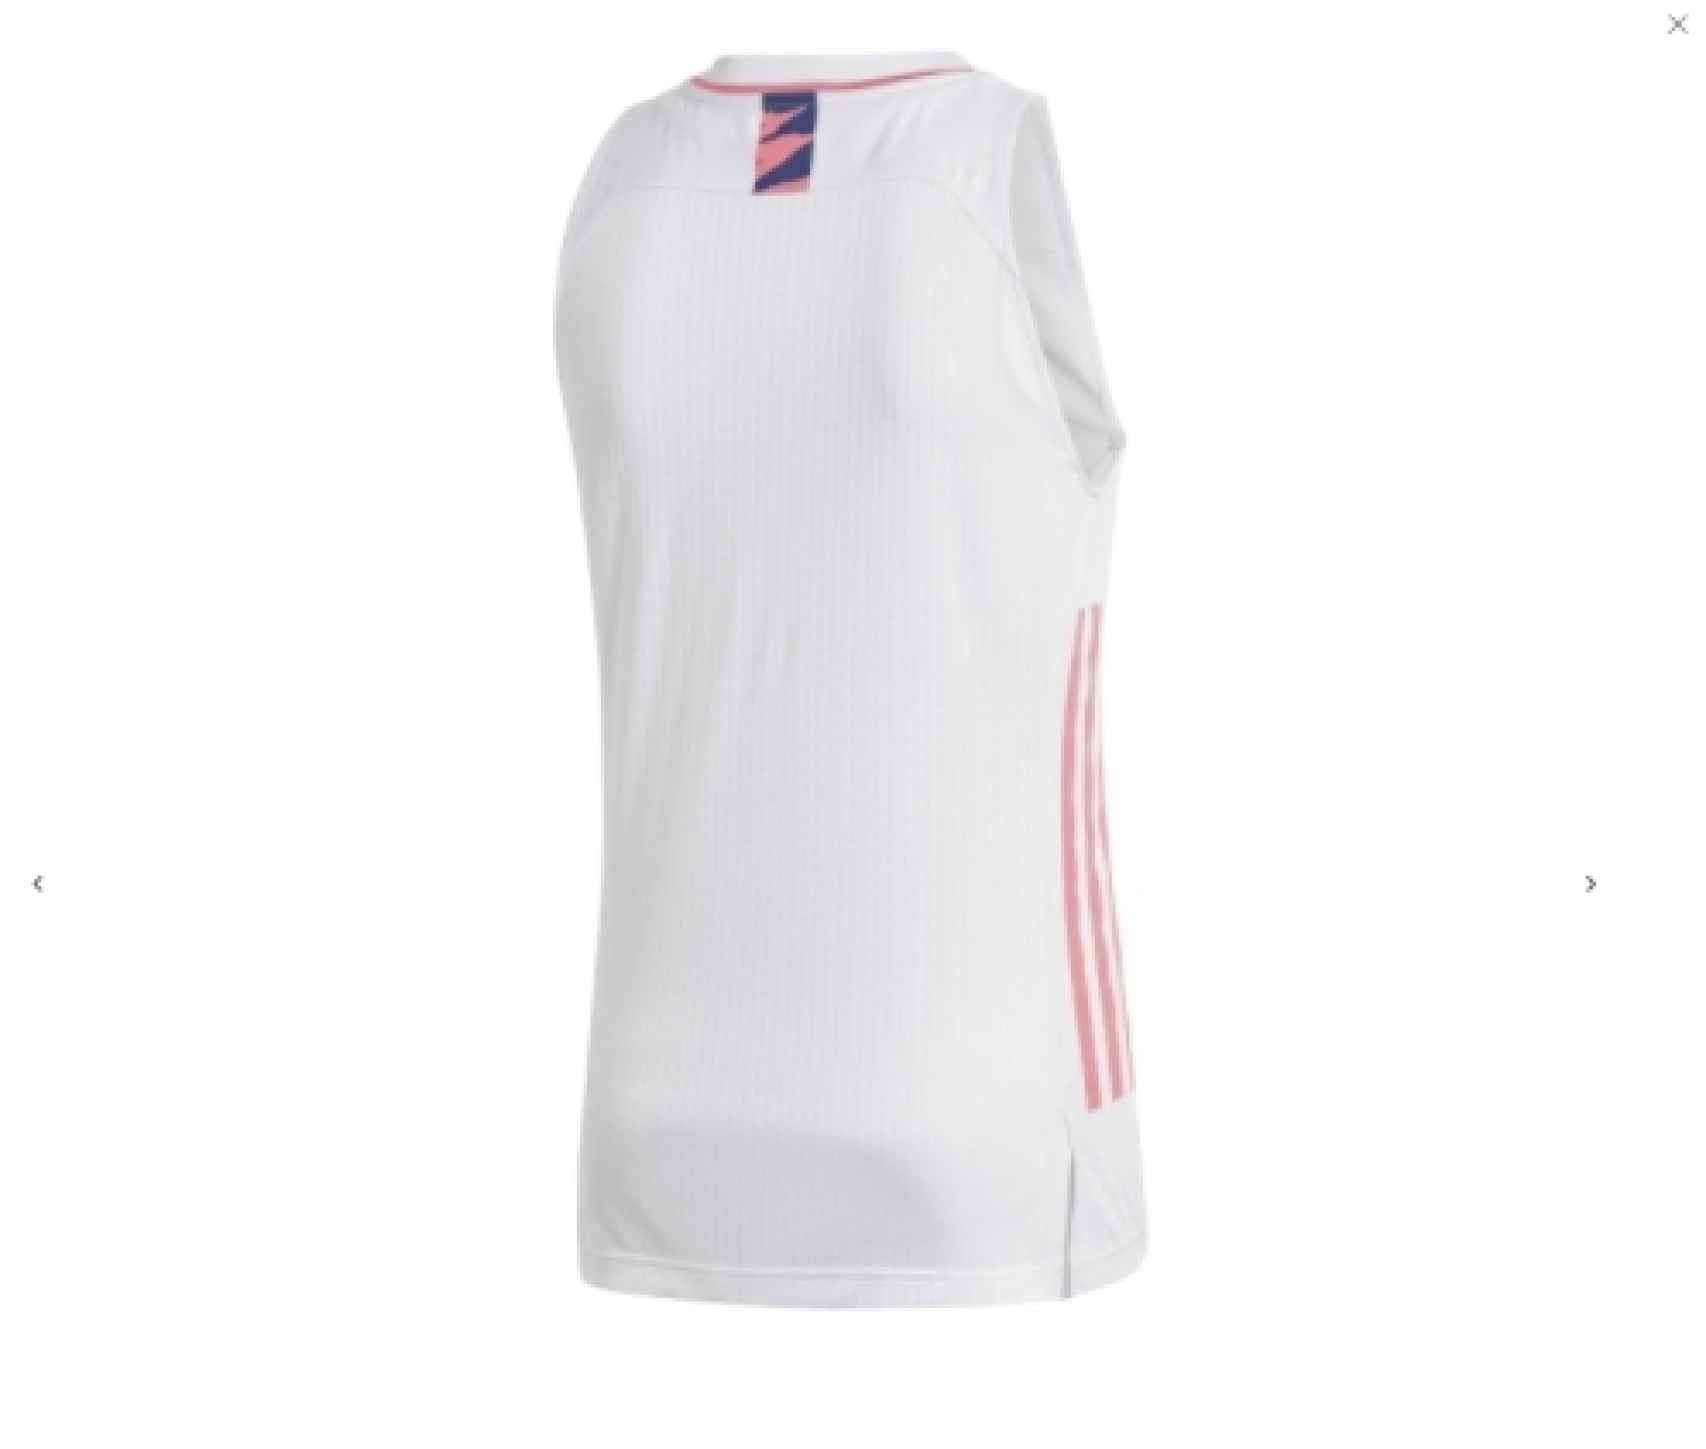 La nueva camiseta del Real Madrid de Baloncesto para la temporada 2020/2021